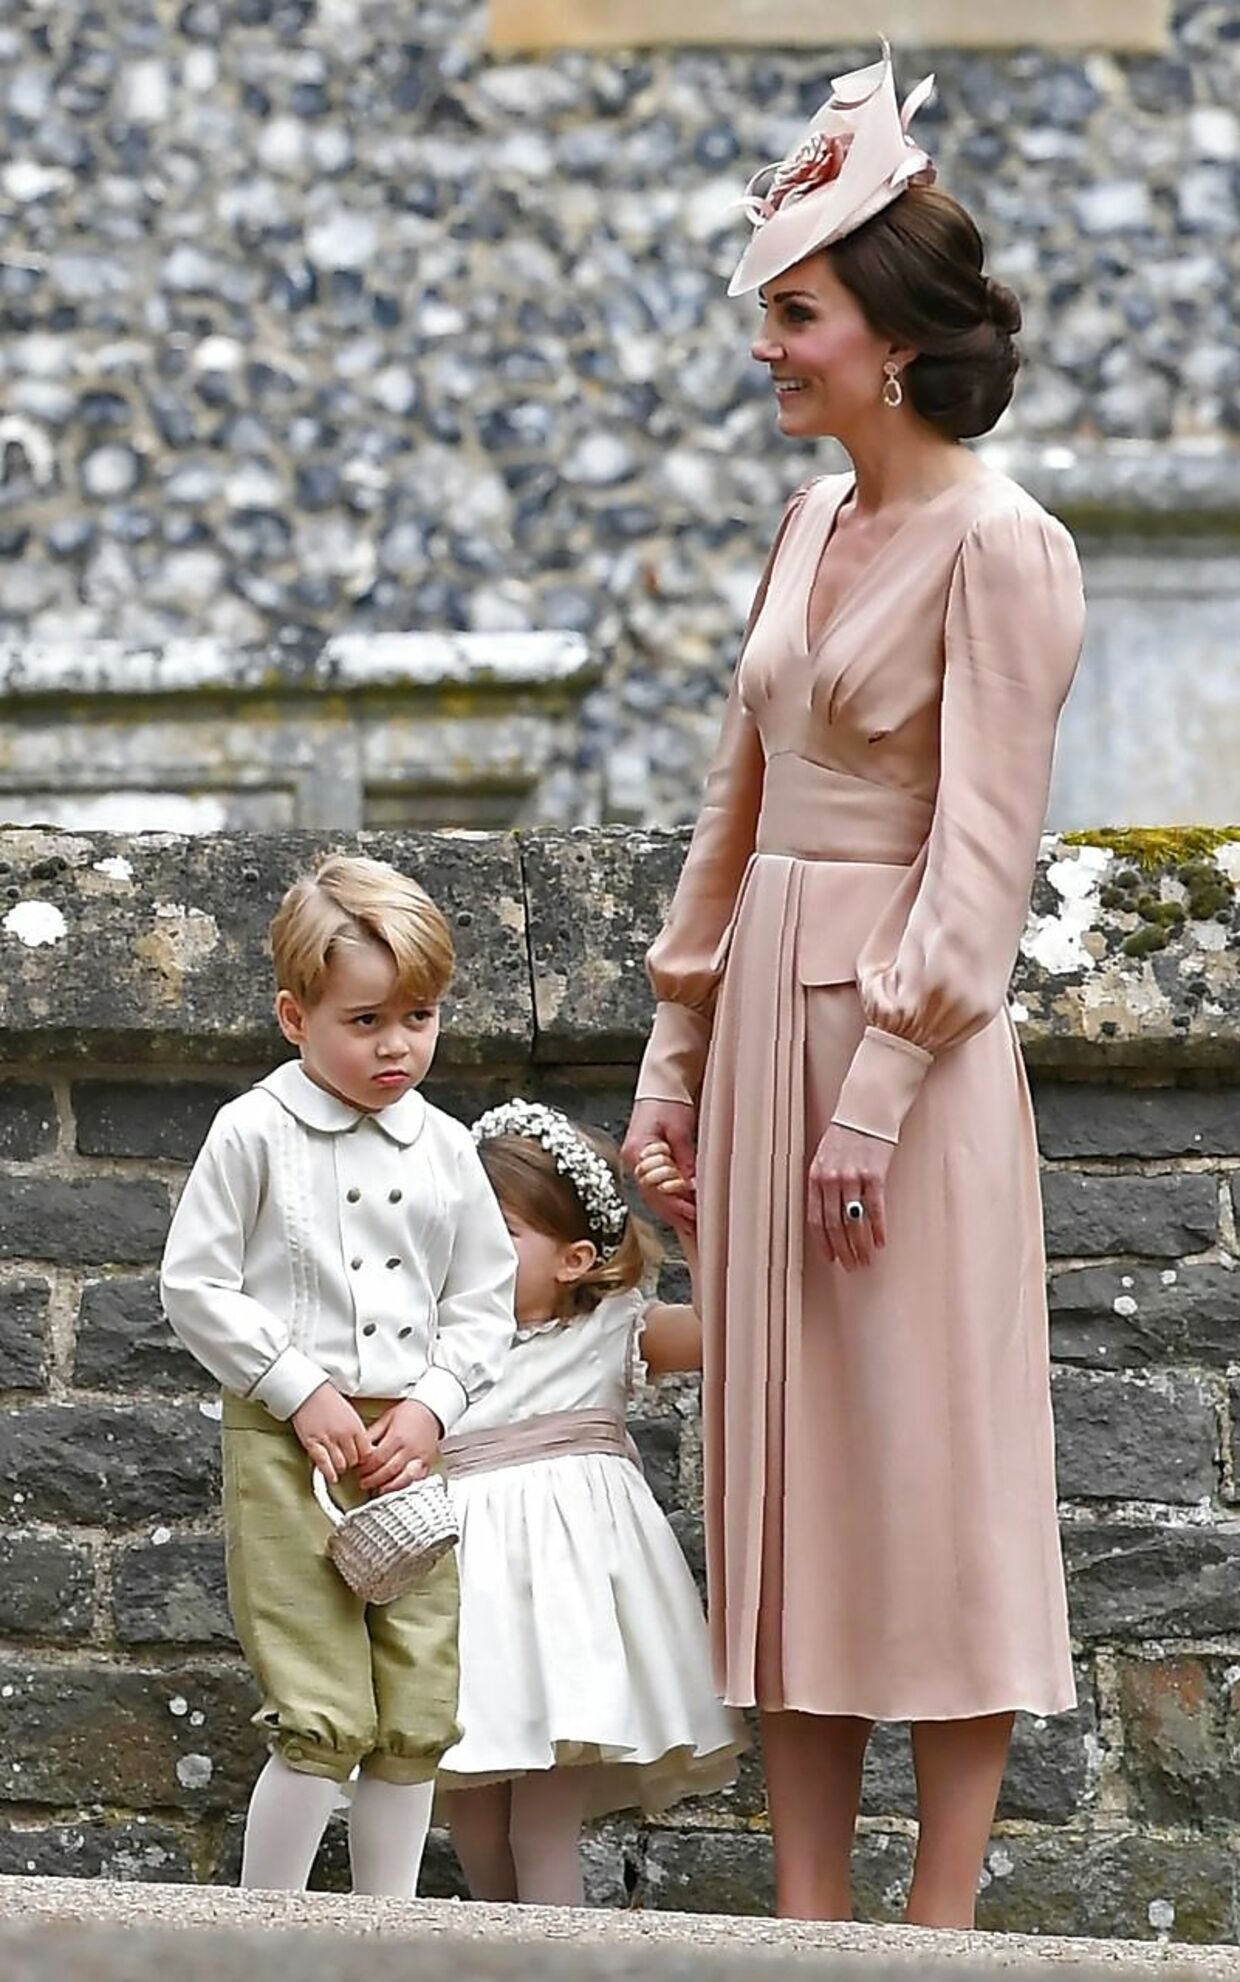 Også ved sin søster Pippas bryllup, trak hertuginde Kate i en kjole fra Alexander McQueen.